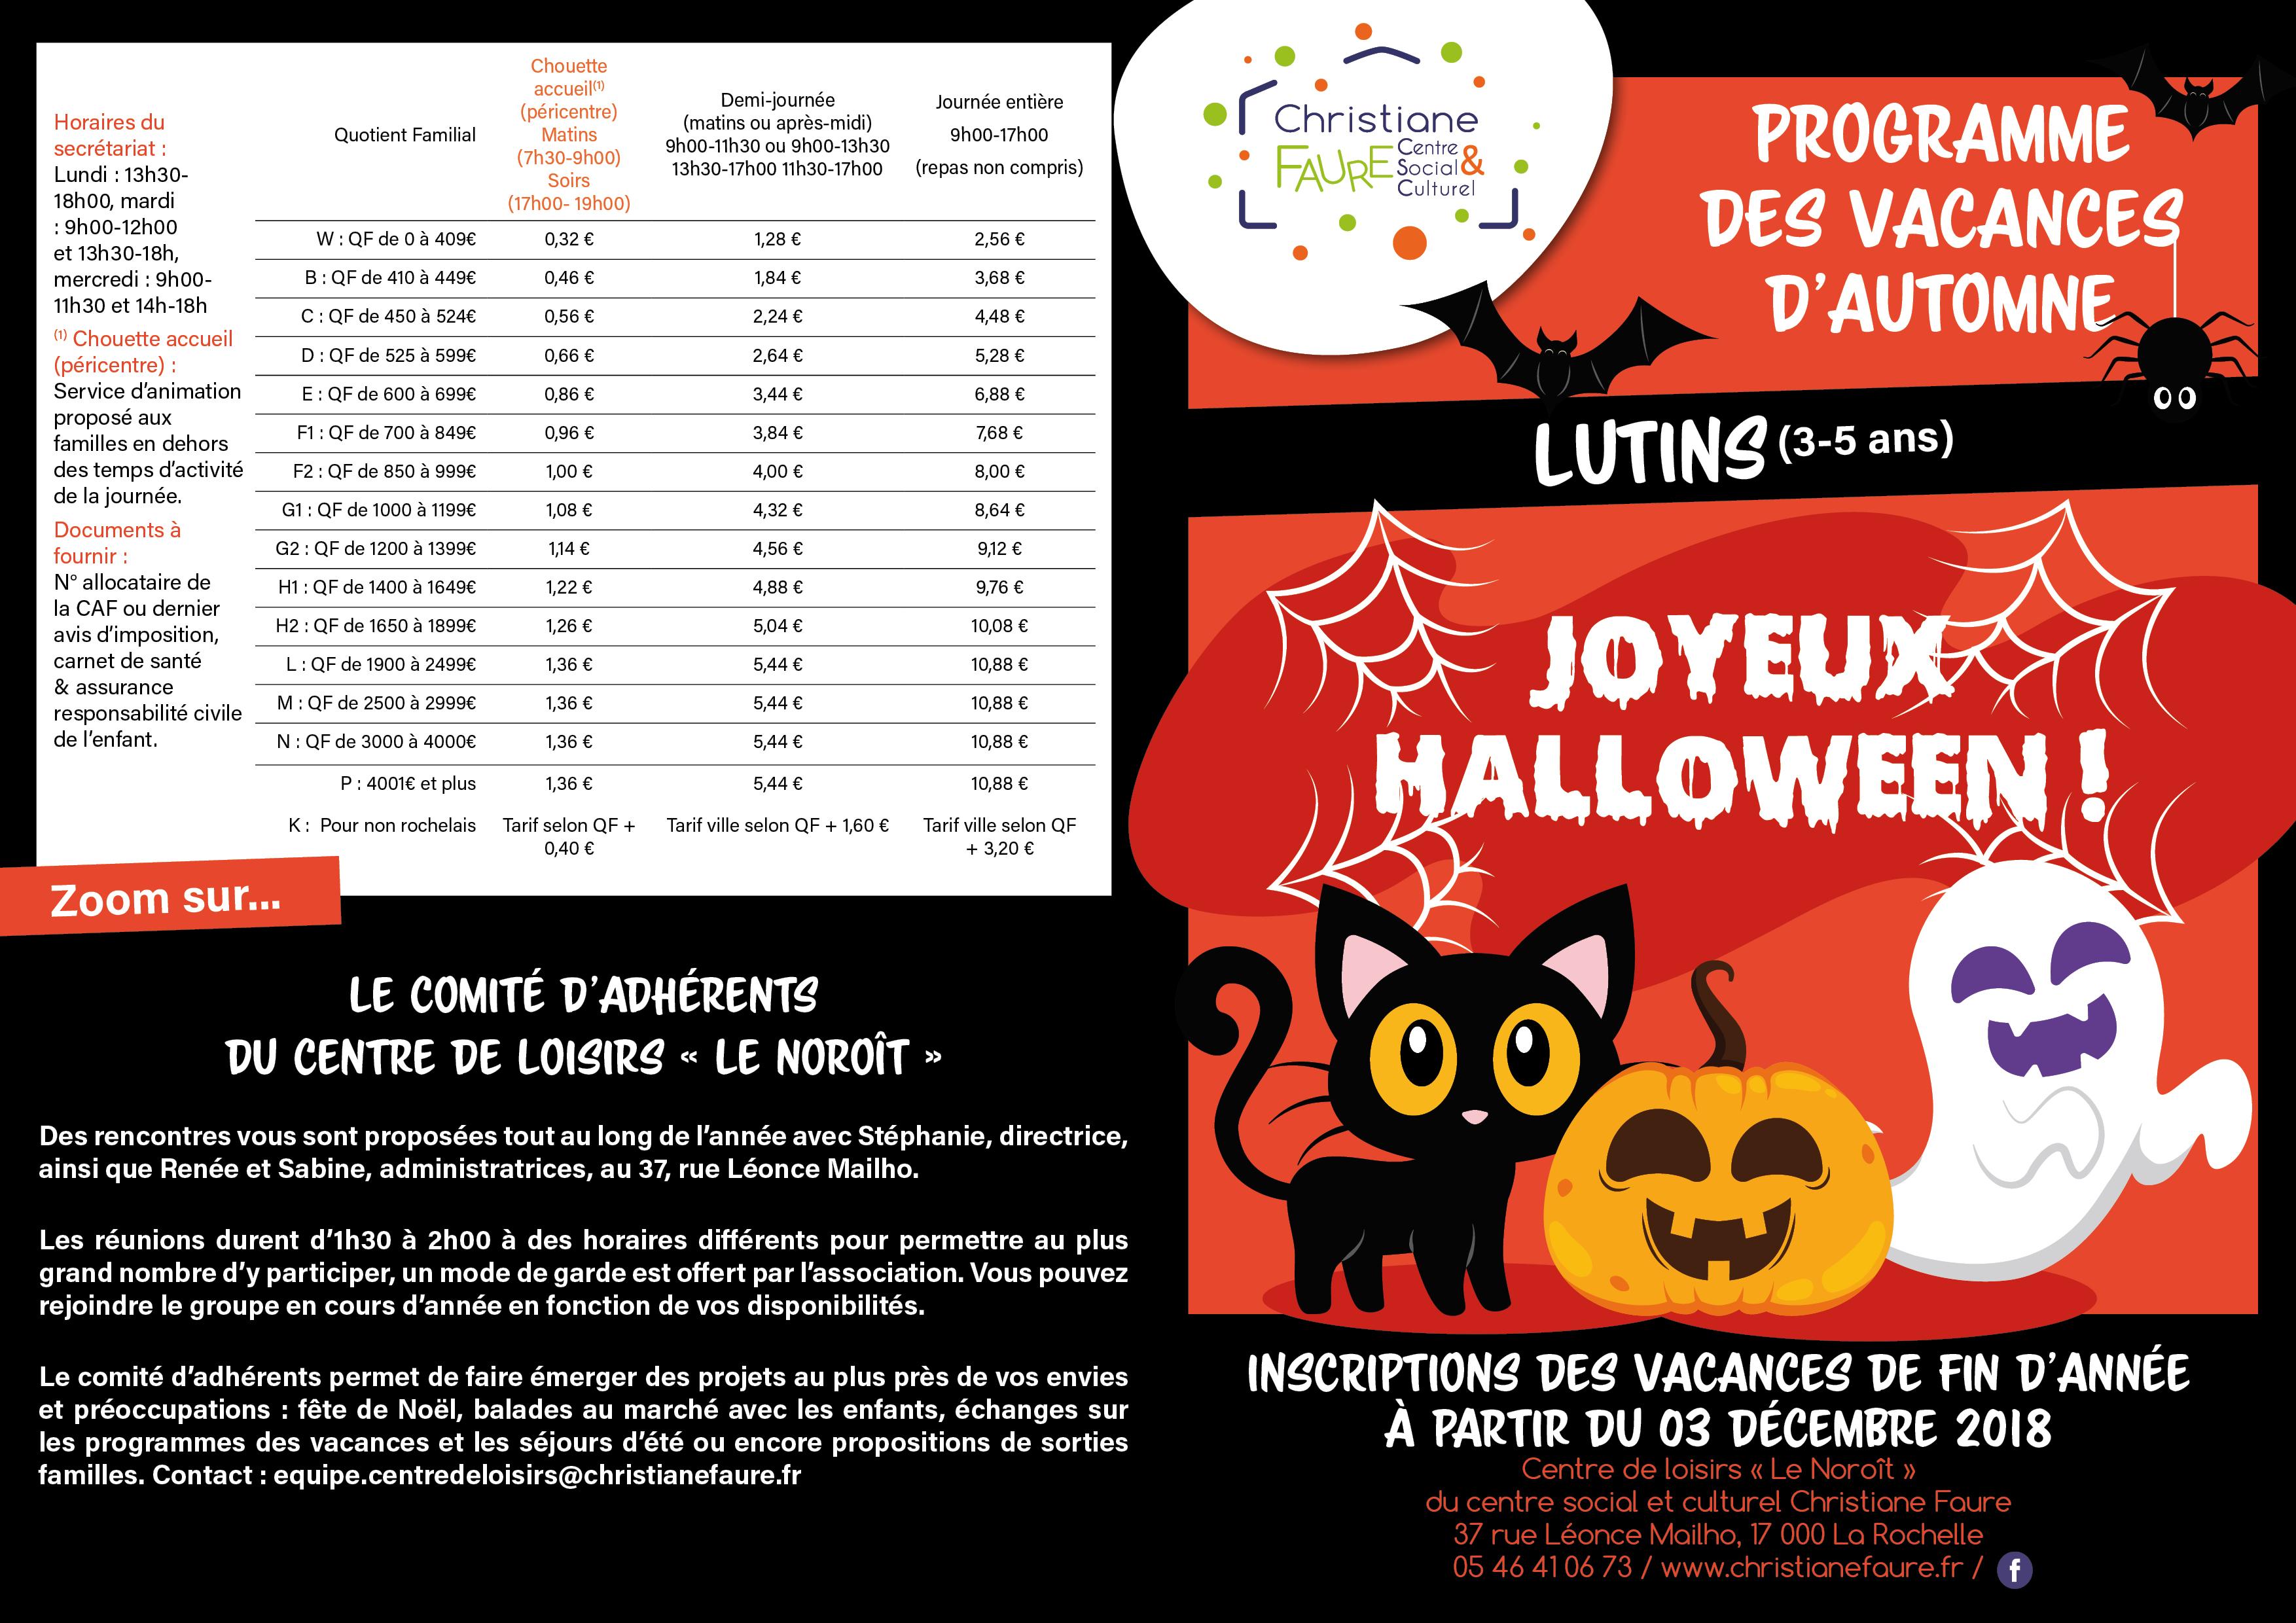 vacances automne 2018 Programme vacances du0027automne lutins 2018